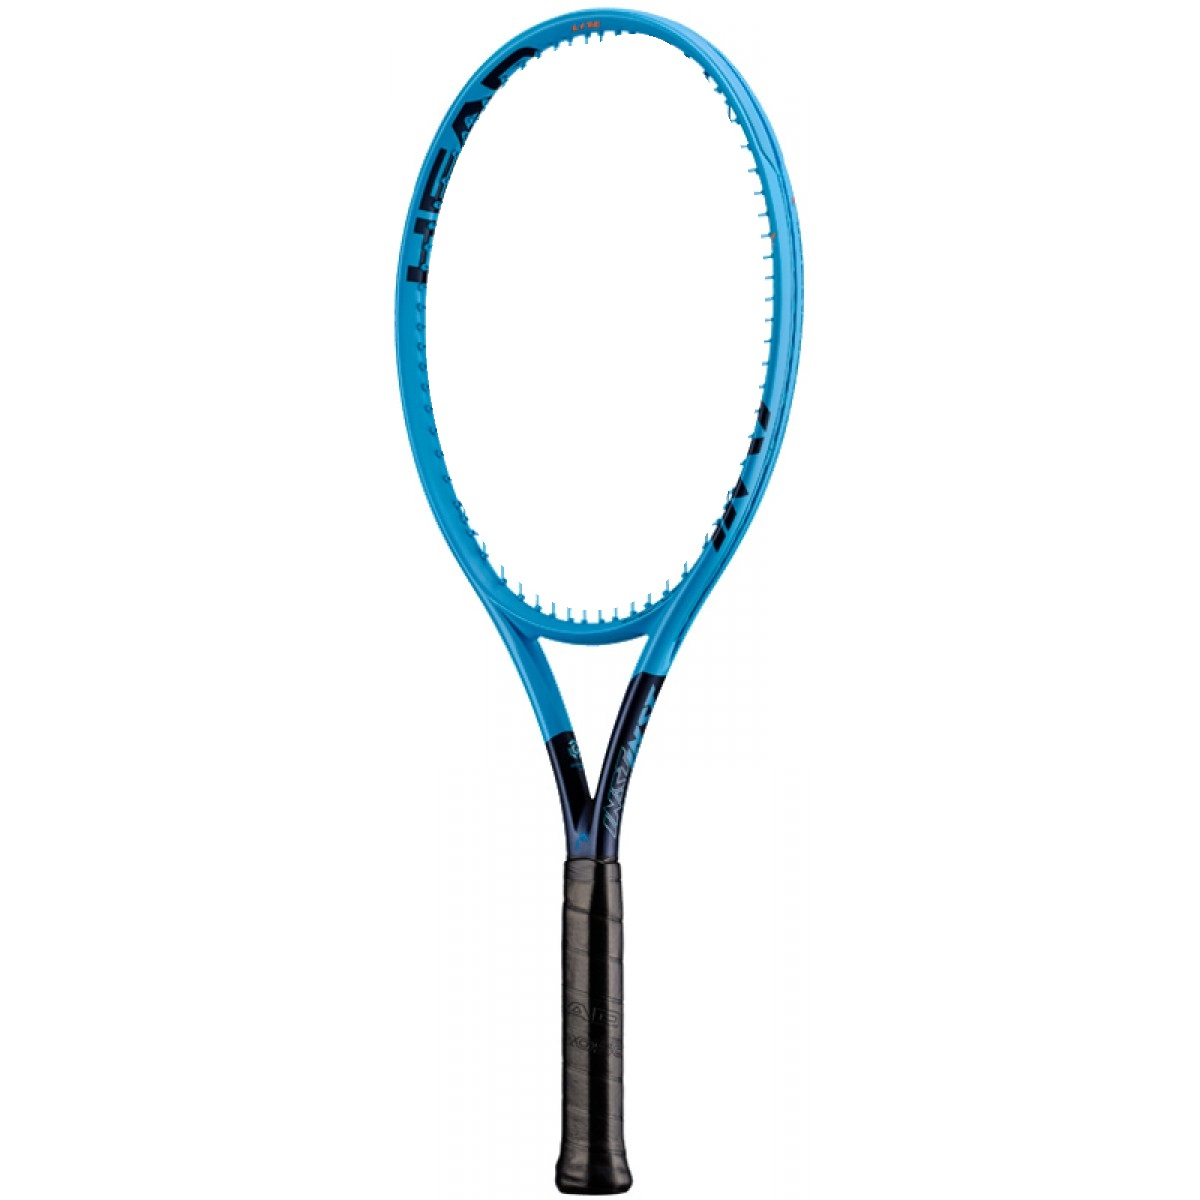 【グリップ5個プレゼント】【2019モデル!】ヘッドグラフィン360 インスティンクト ライト HEAD GRAPHENE 360 INSTINCT LITE (270g)テニスラケット